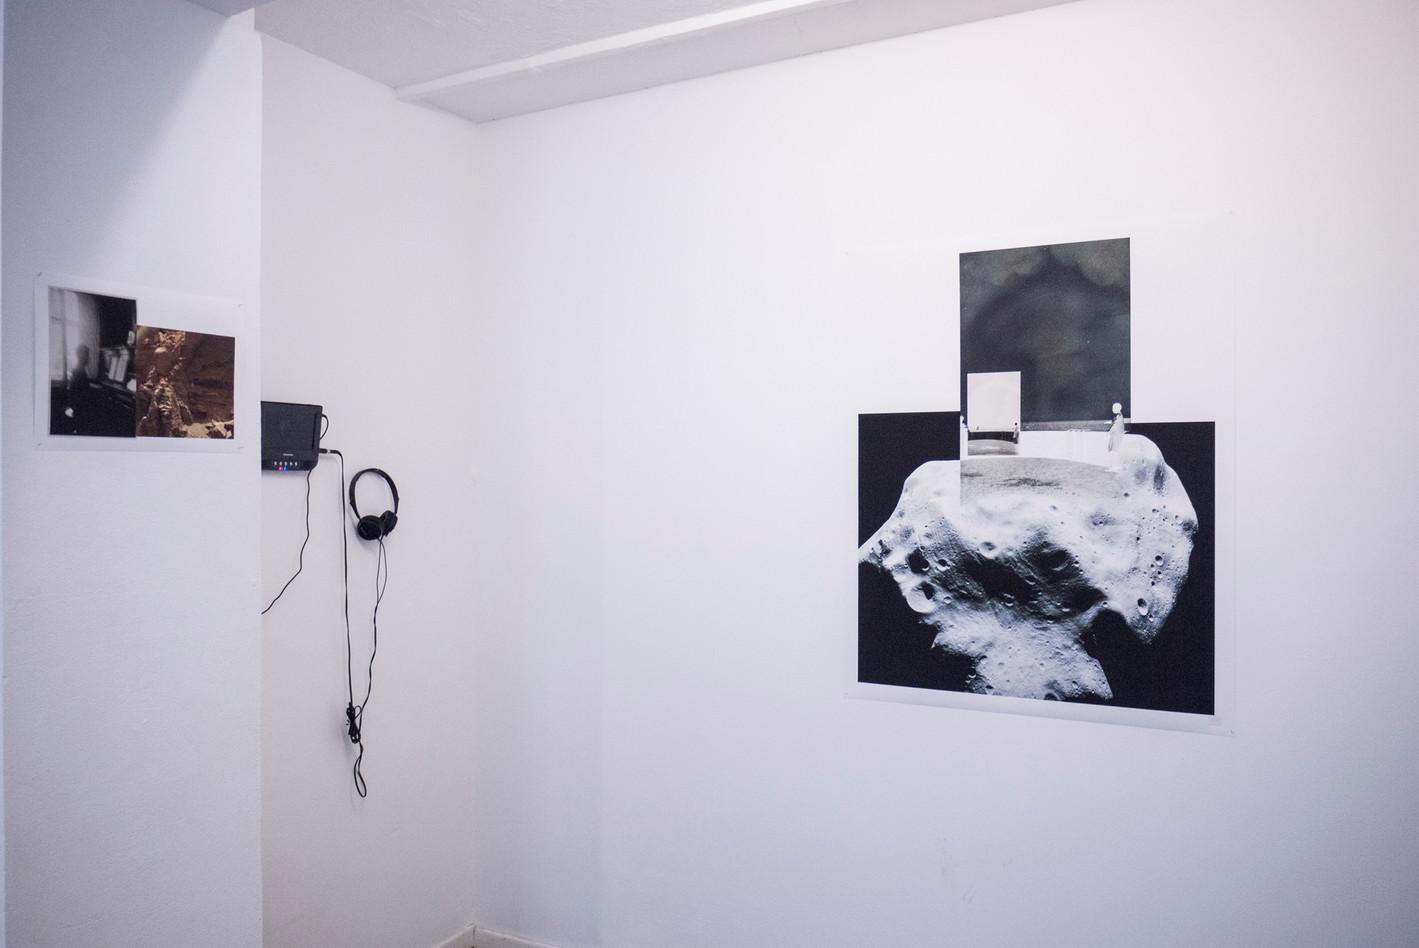 Solo show, R57, Zurich, CH, 2017